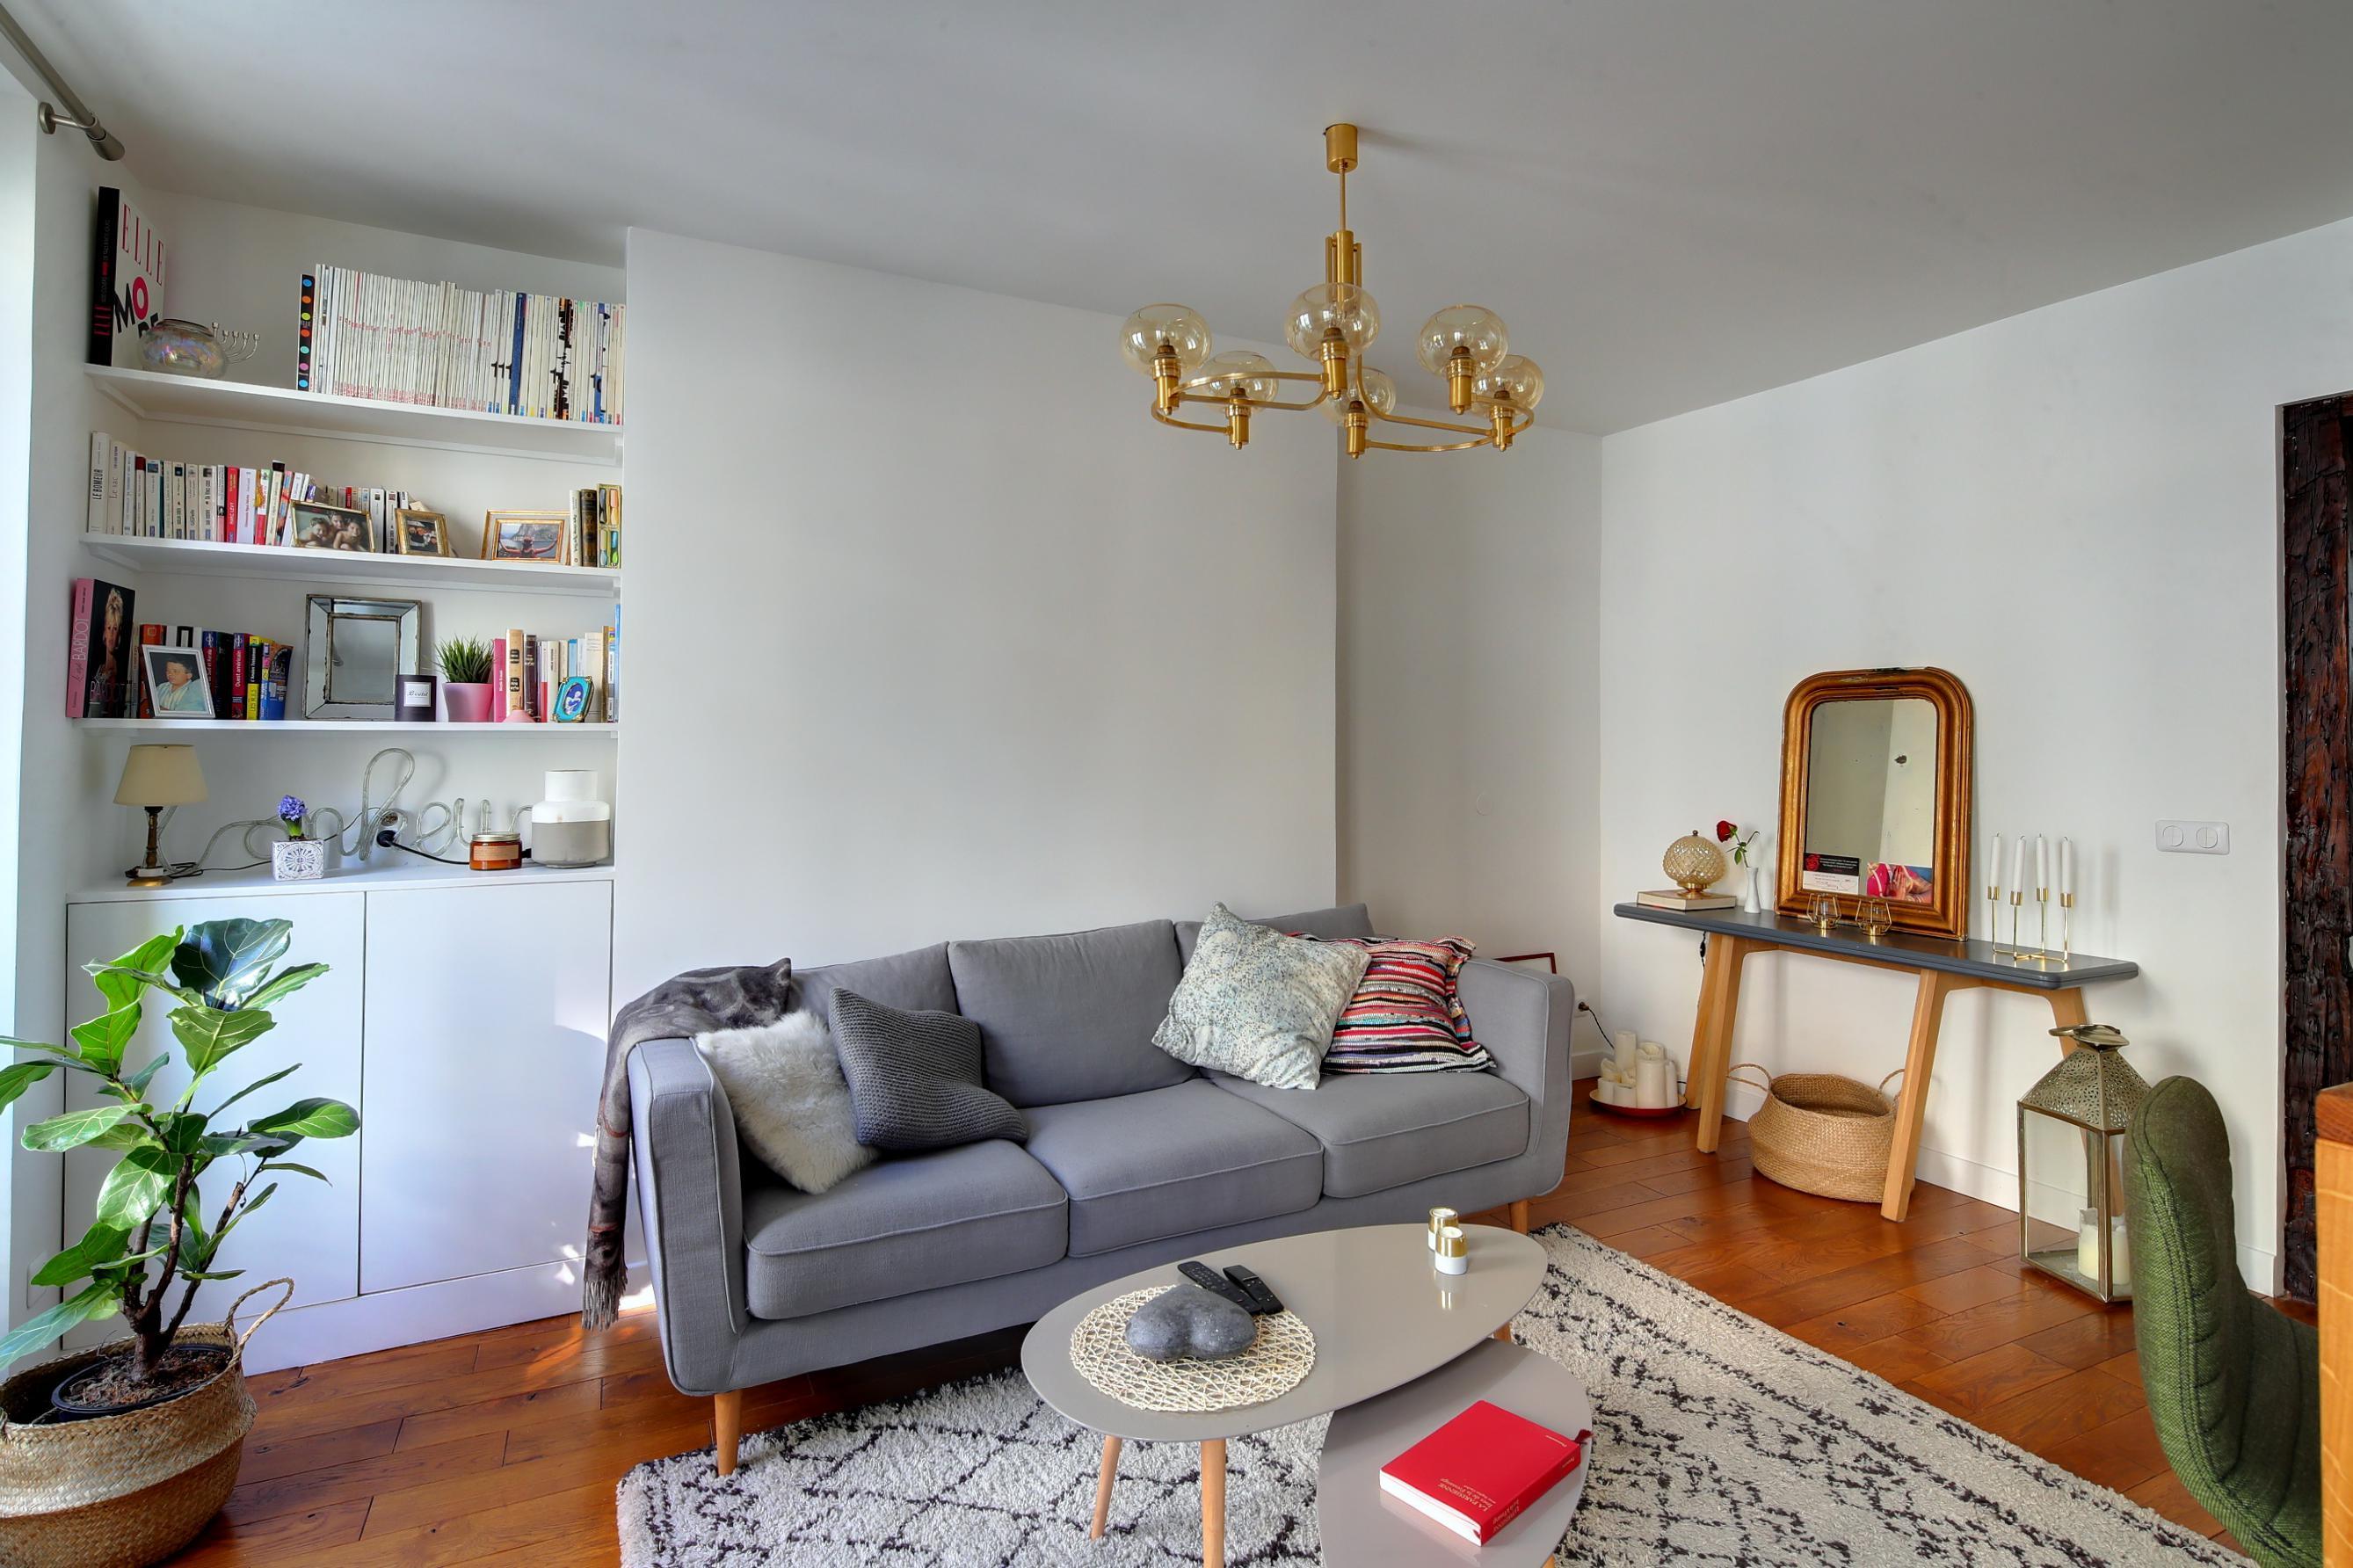 renovation amenagement et décoration interieure au style scandinave pour un salon